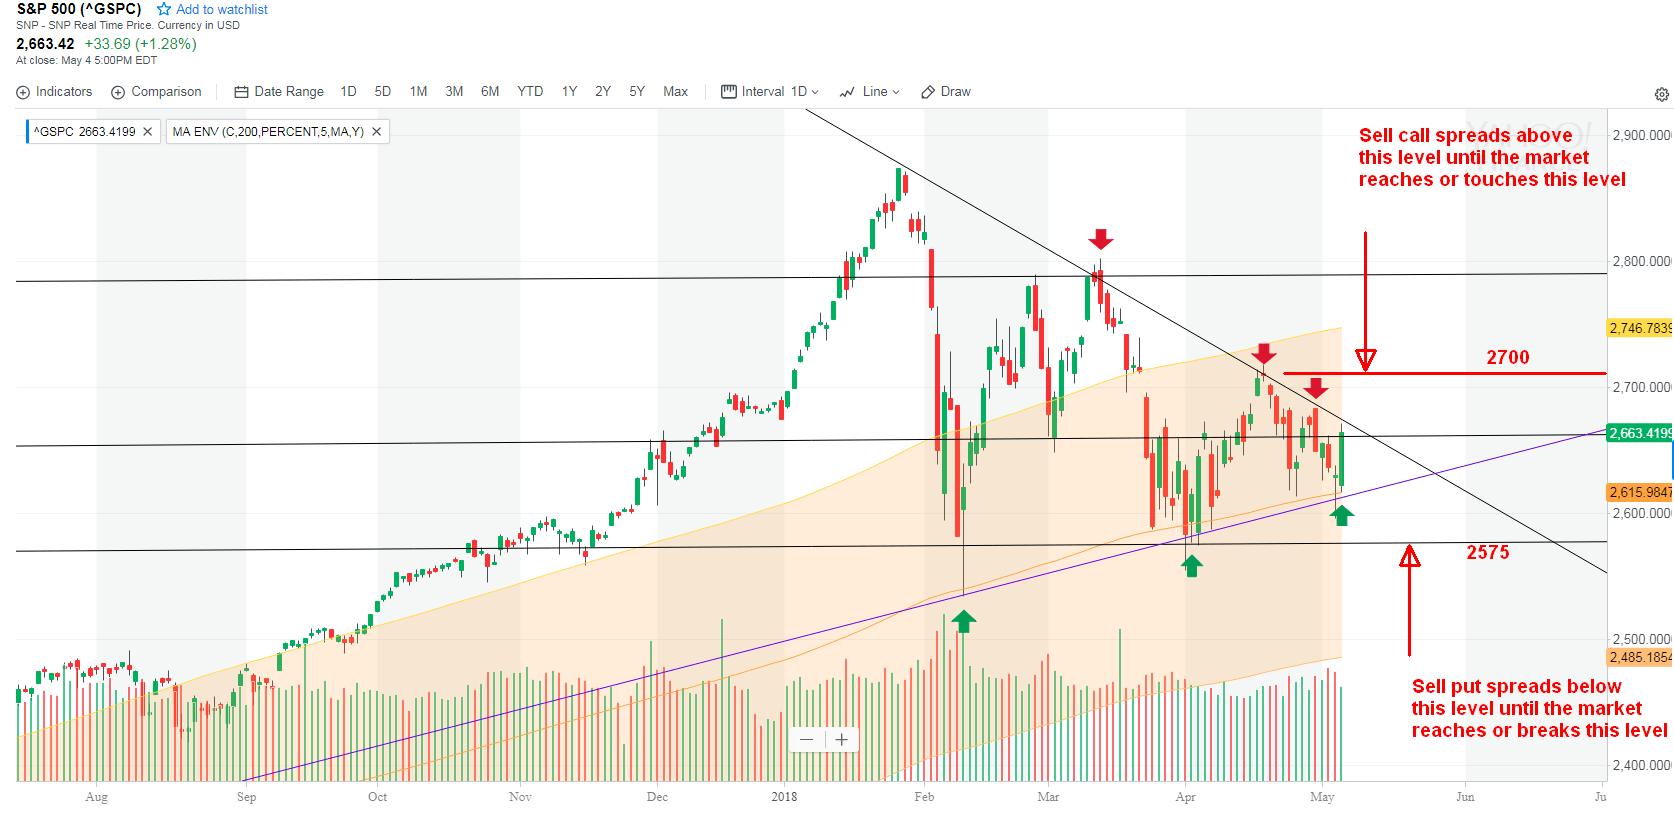 S&P trend